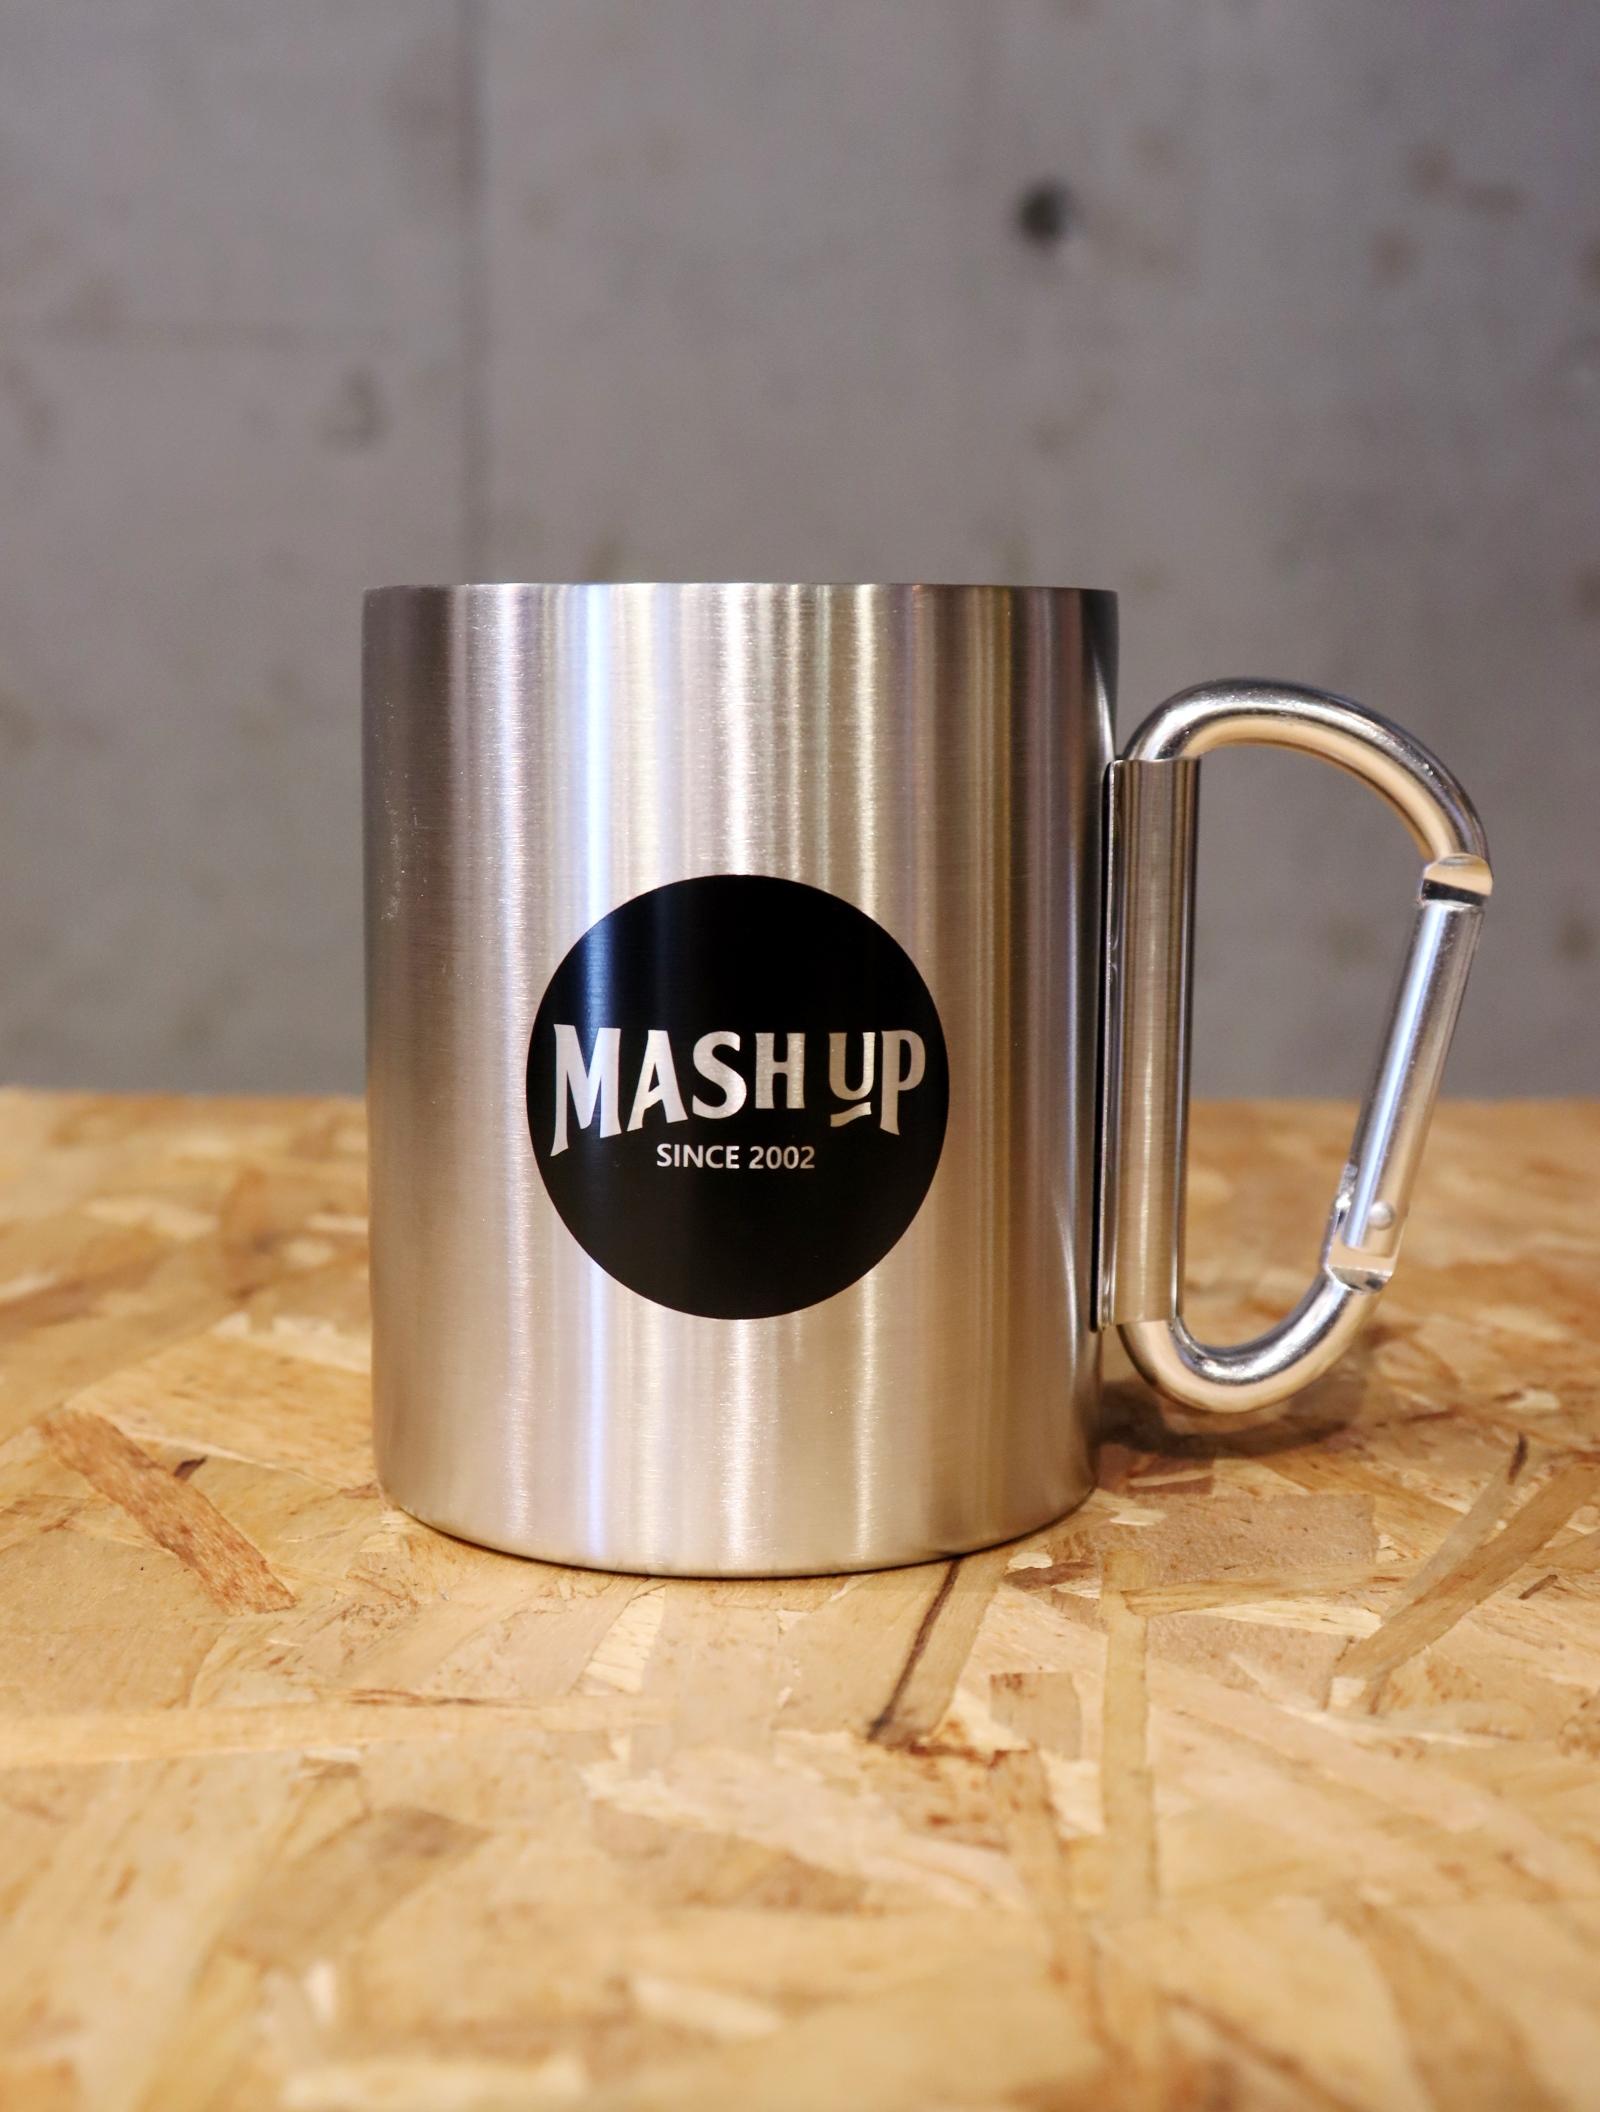 MASH UP 「STAINLESS MUG」 ステンレスマグカップ